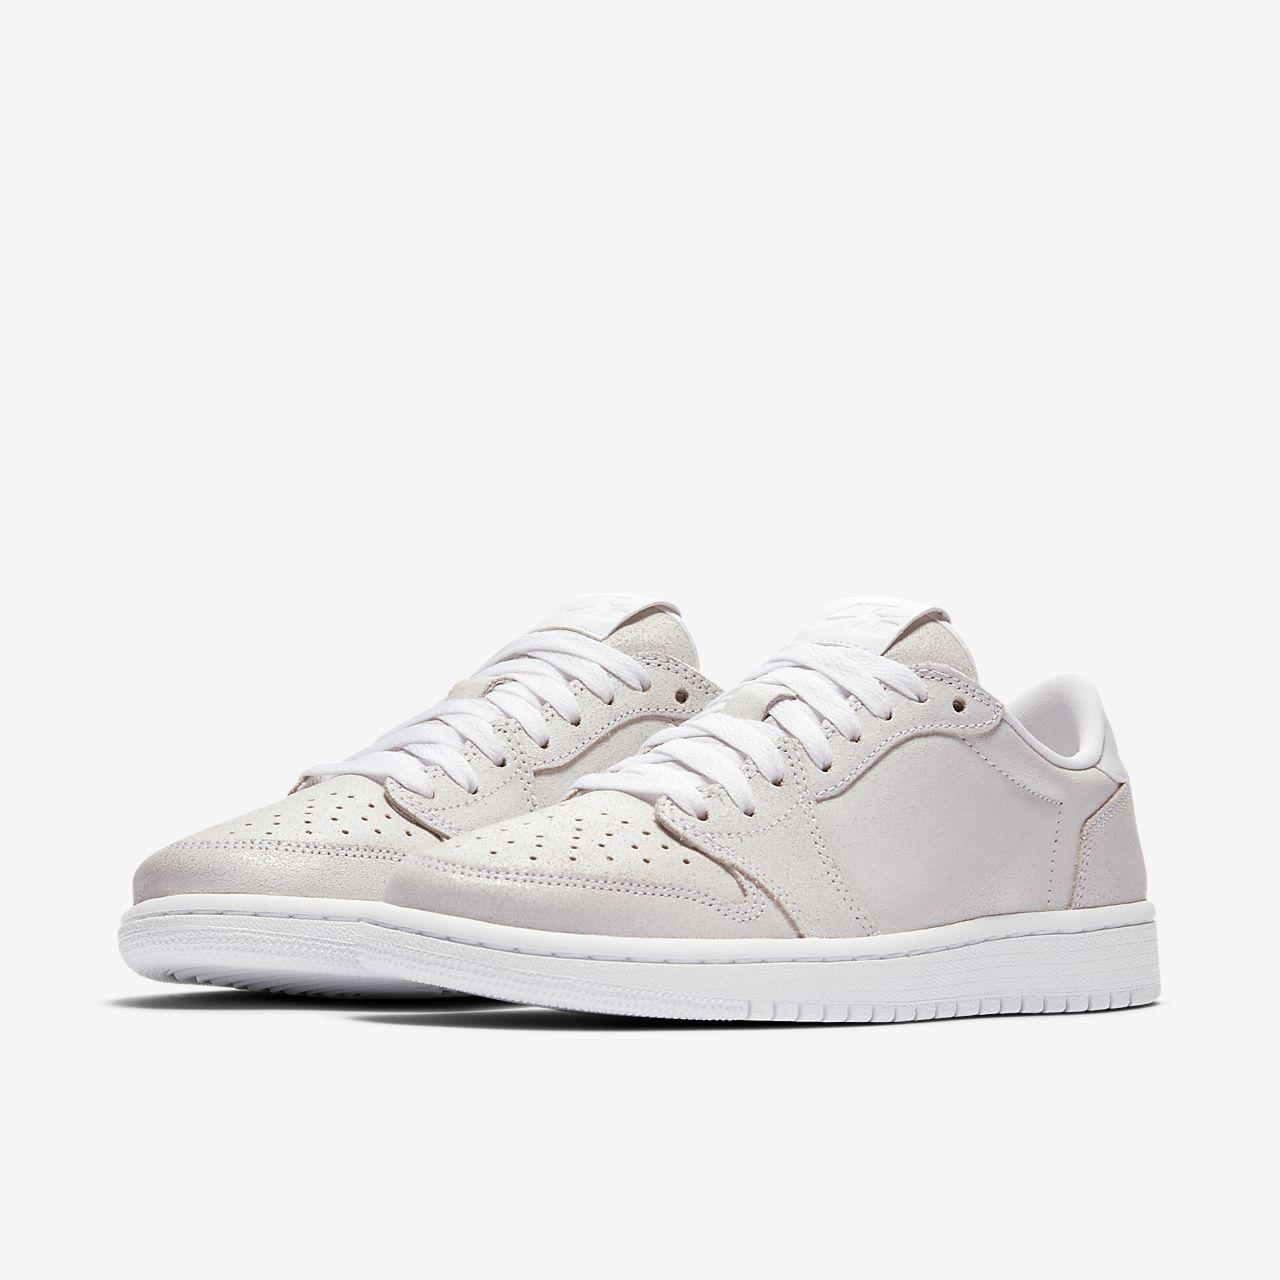 c3a5c687a623 Air Jordan 1 Retro Low NS Women's Shoe. Nike.com AE